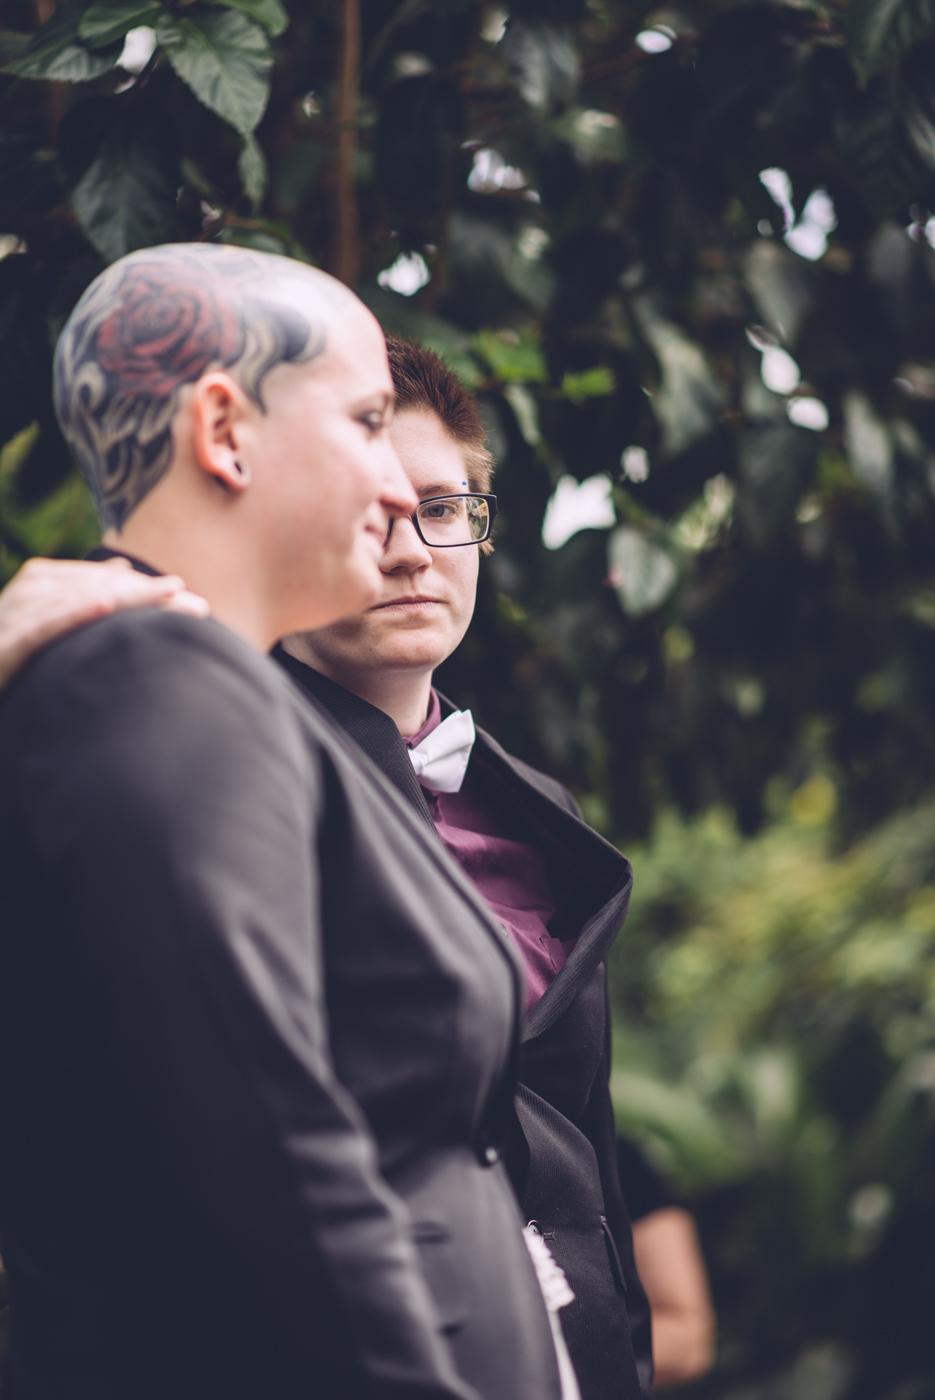 marilynn_robbi_wedding_blog17.jpg